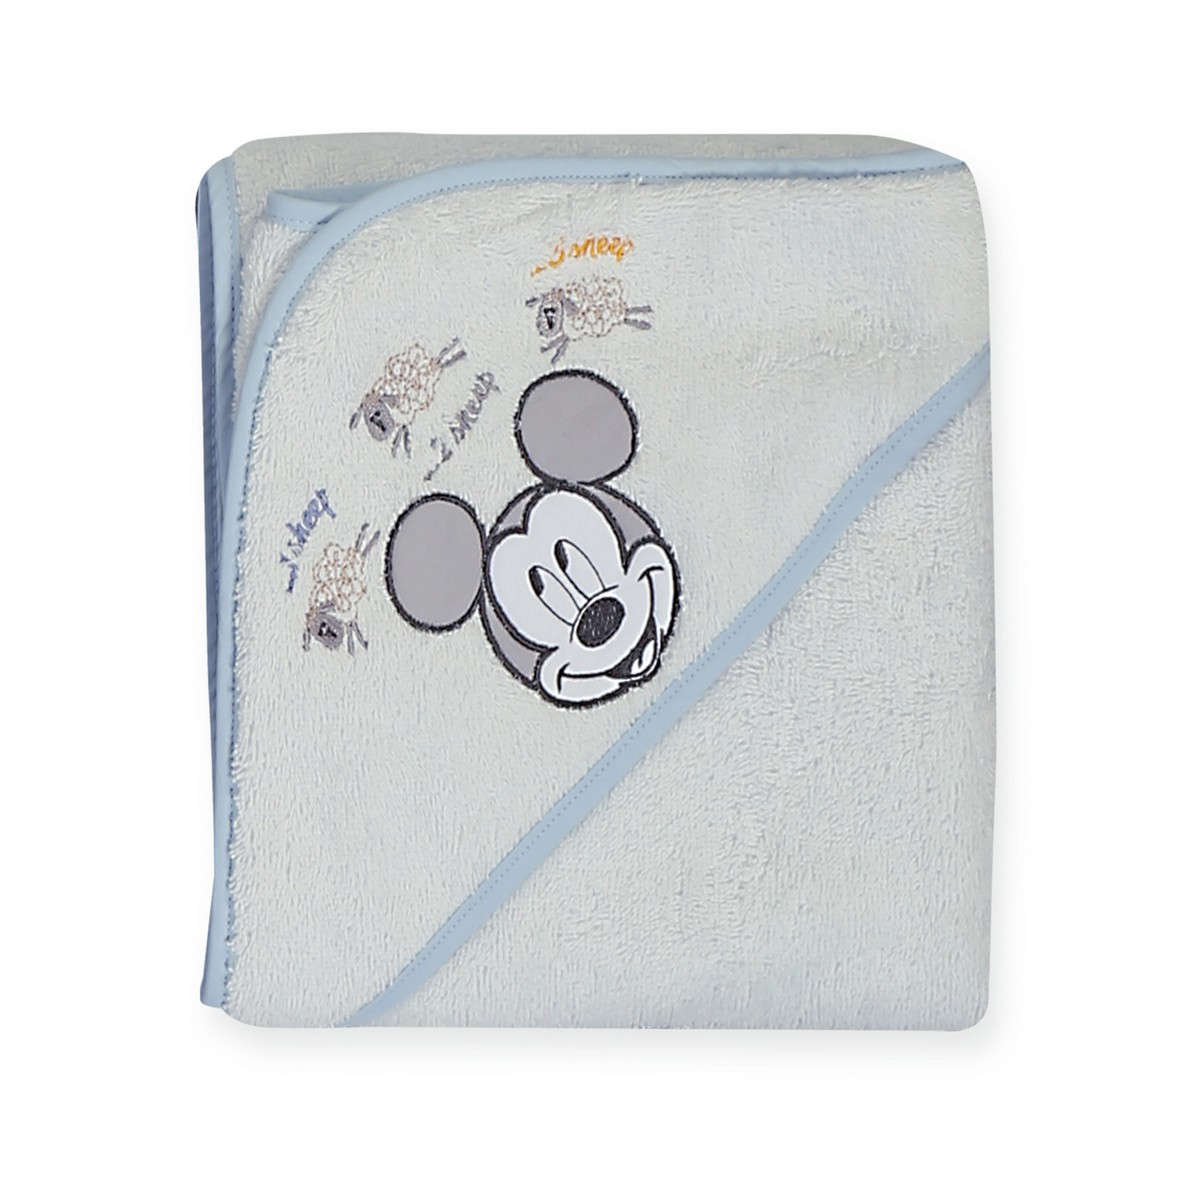 Κάπα Βρεφική Mickey's Dreams Ciel – White Nef-Nef 0-1 ετών One Size